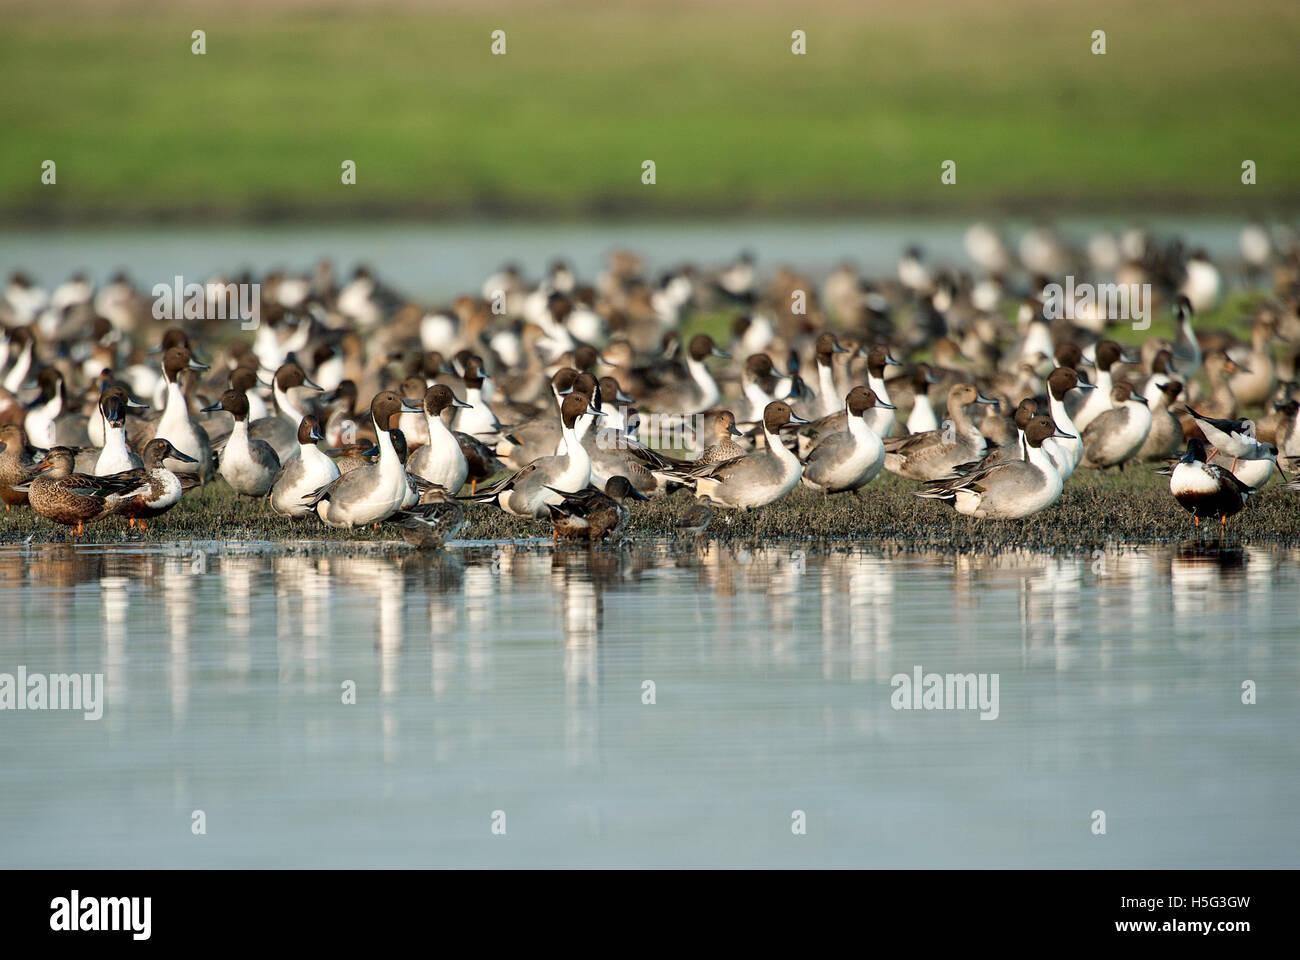 L'image de Canards pilets (Anas acuta) près de Pune, Maharashtra, Inde Banque D'Images